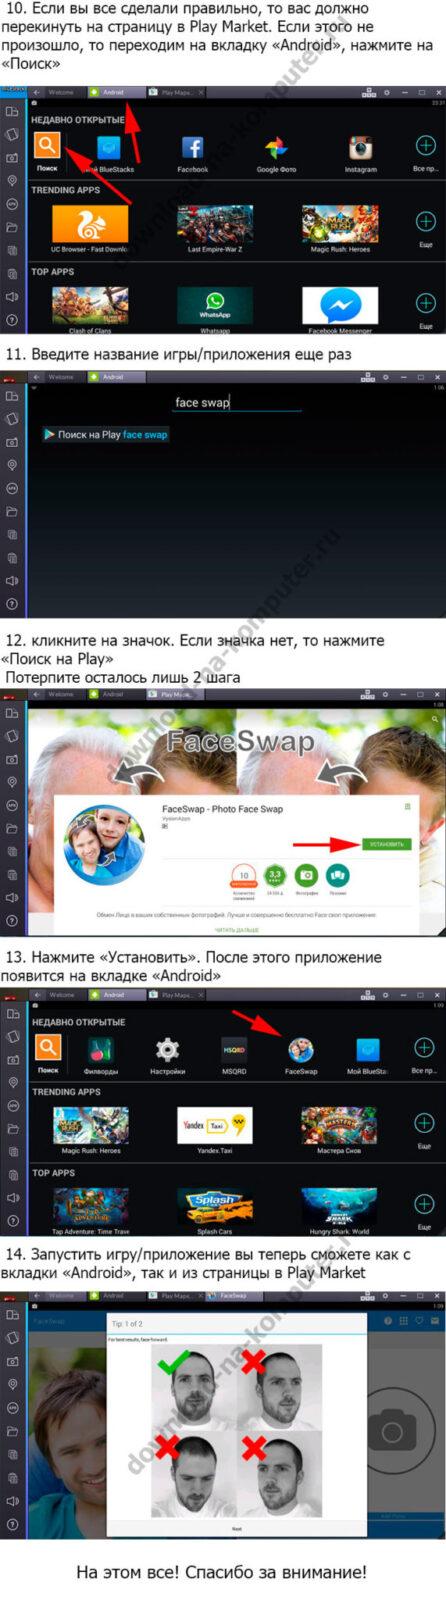 установка фейс свап на ПК